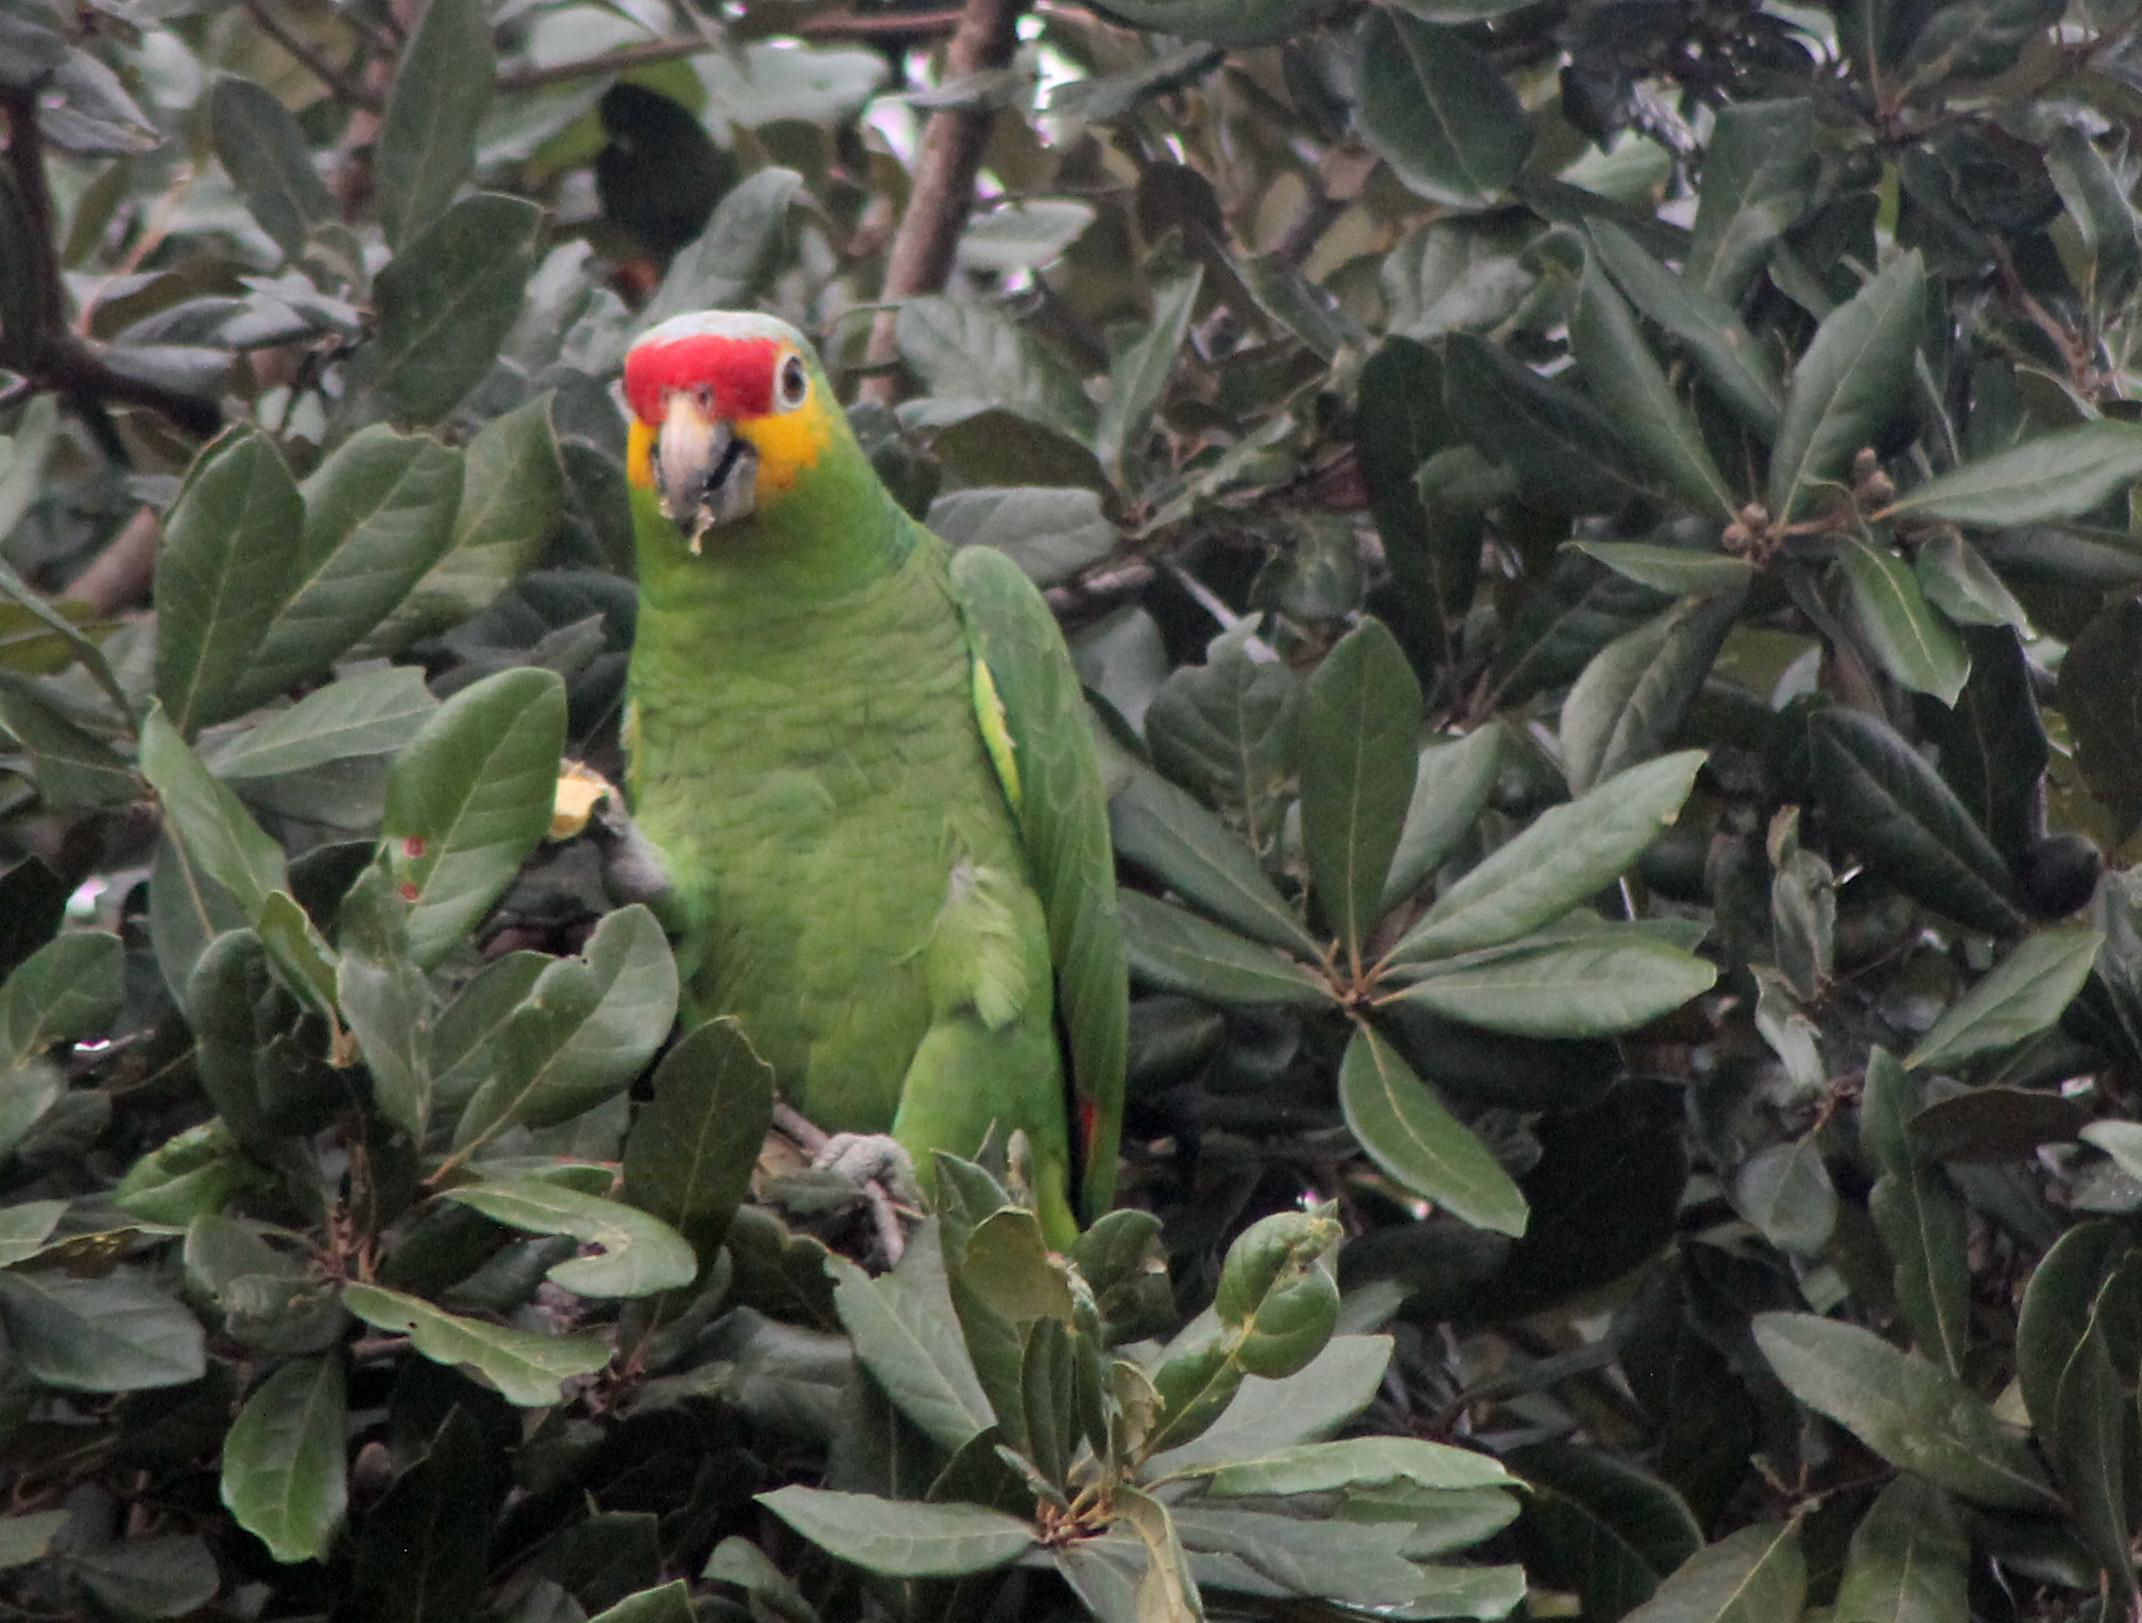 aaa_parrot next door.jpg